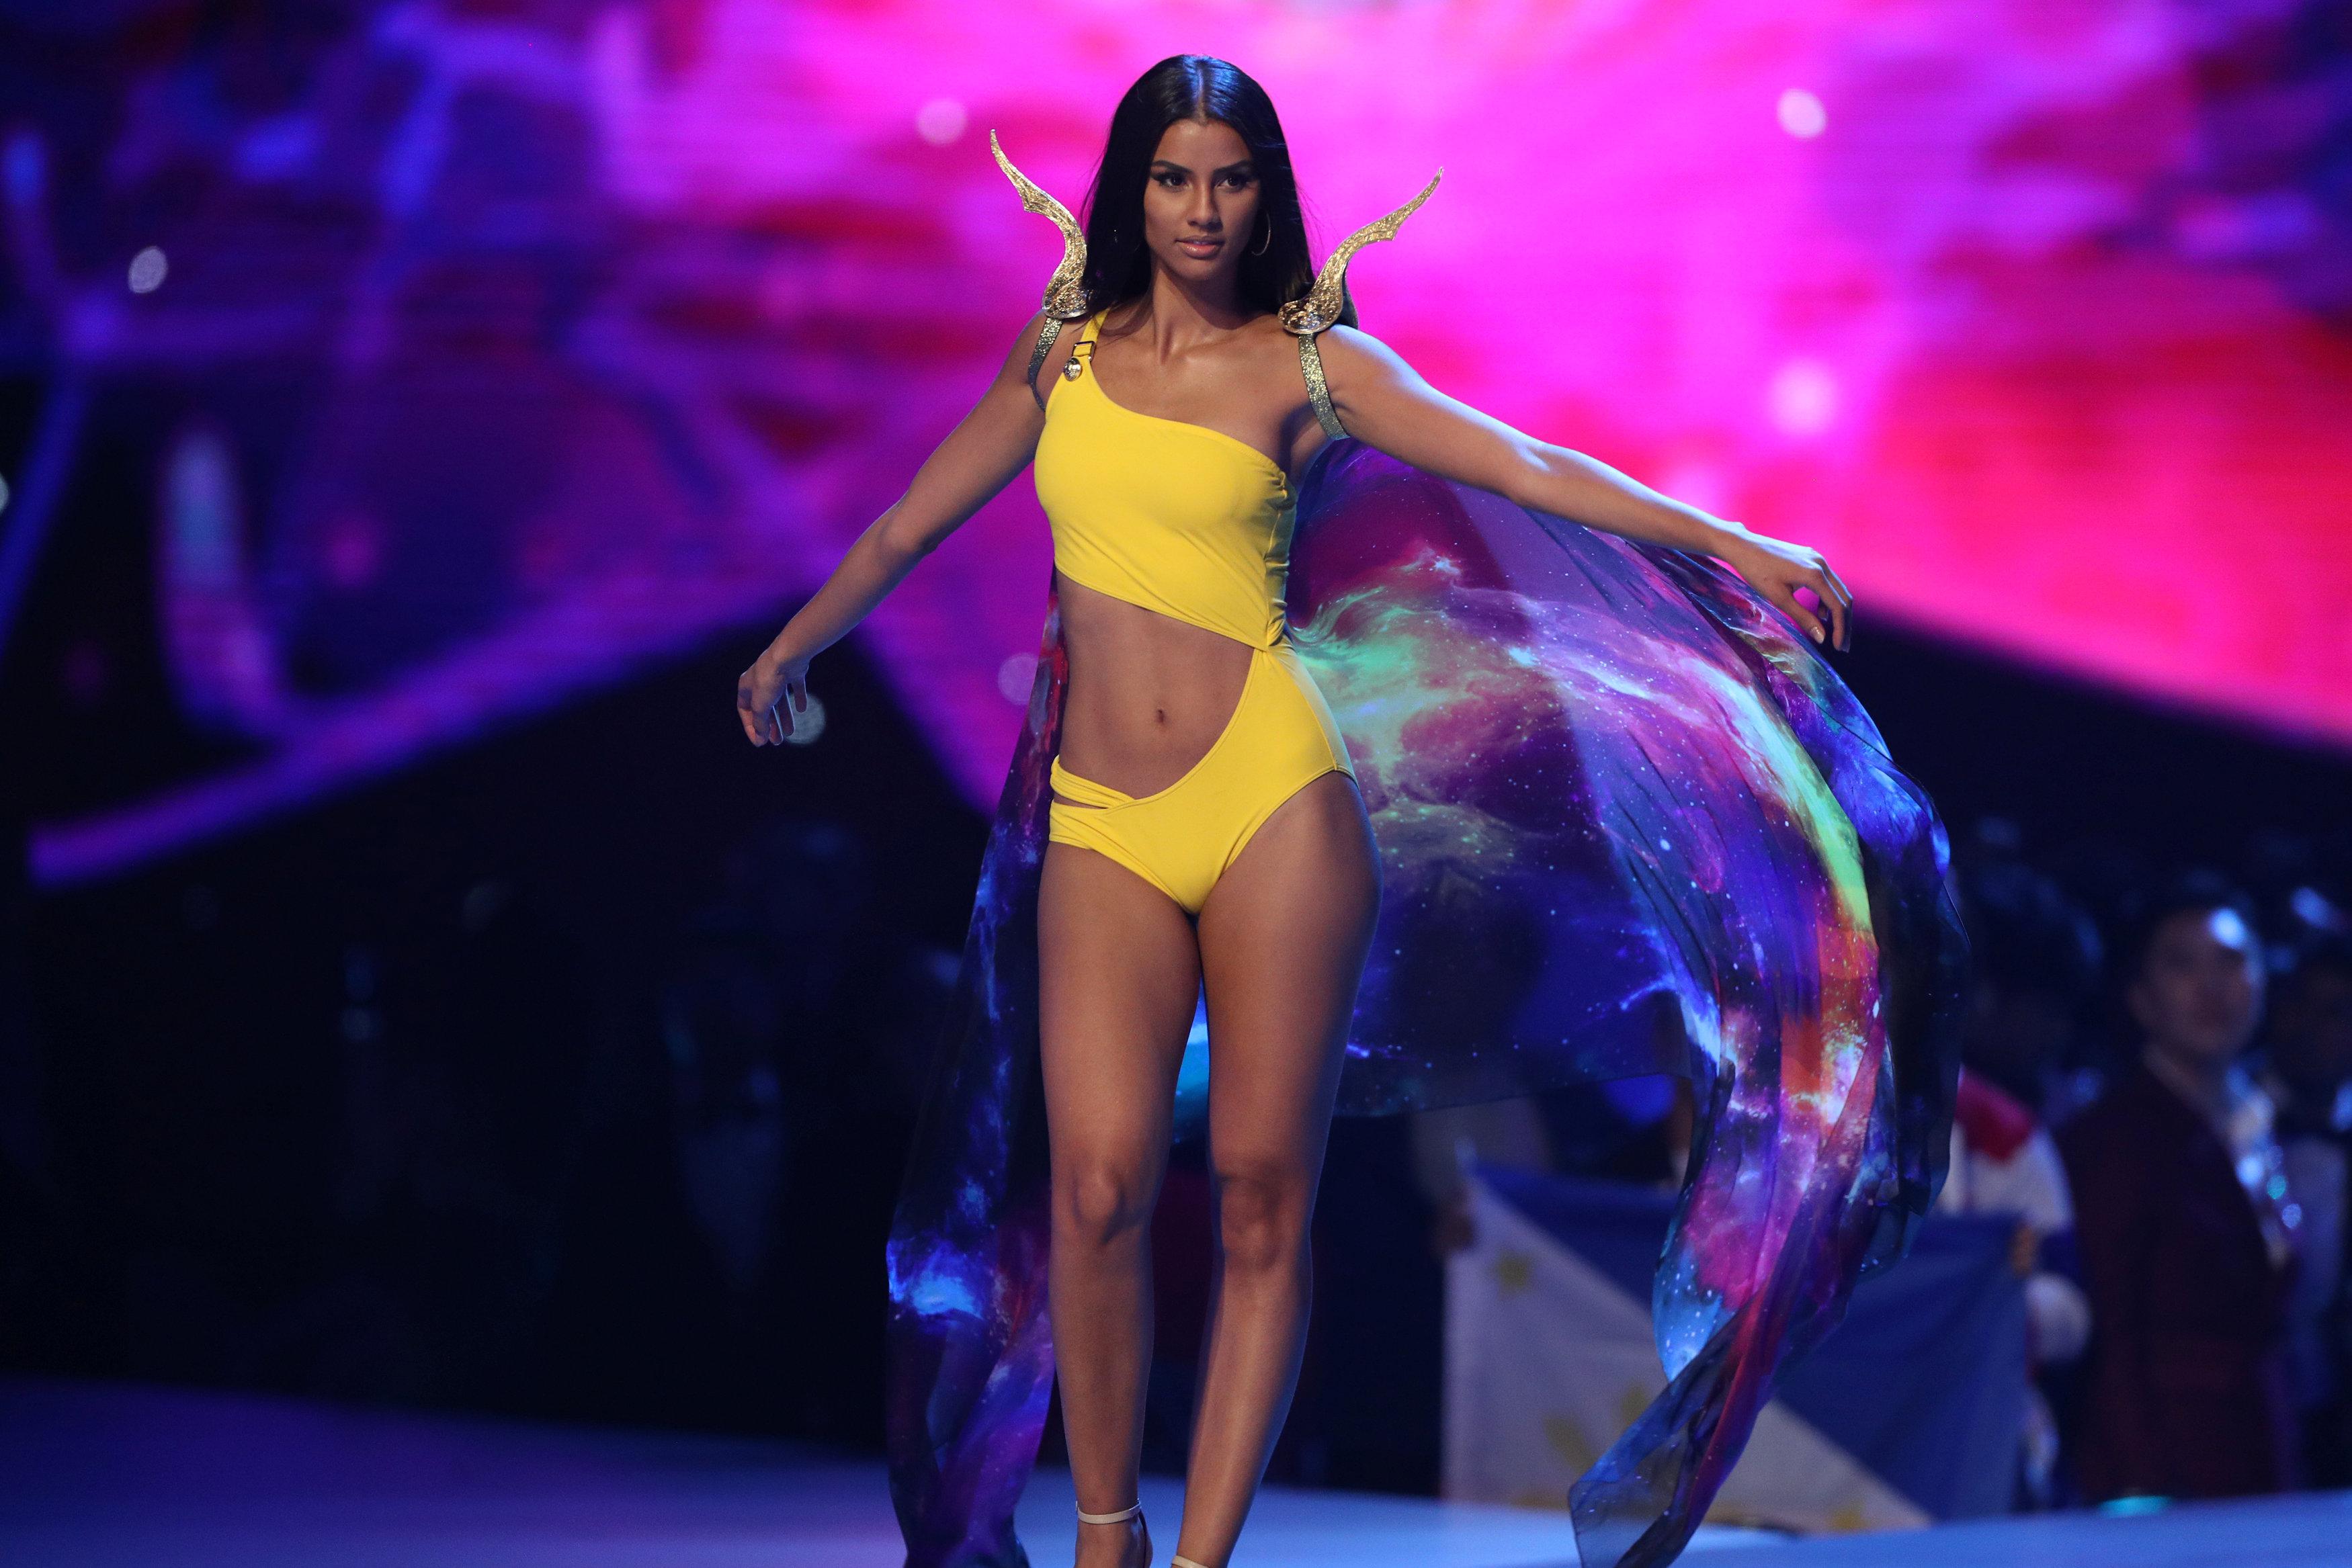 مسابقة ملكة جمال الكون من بانكوك (8)